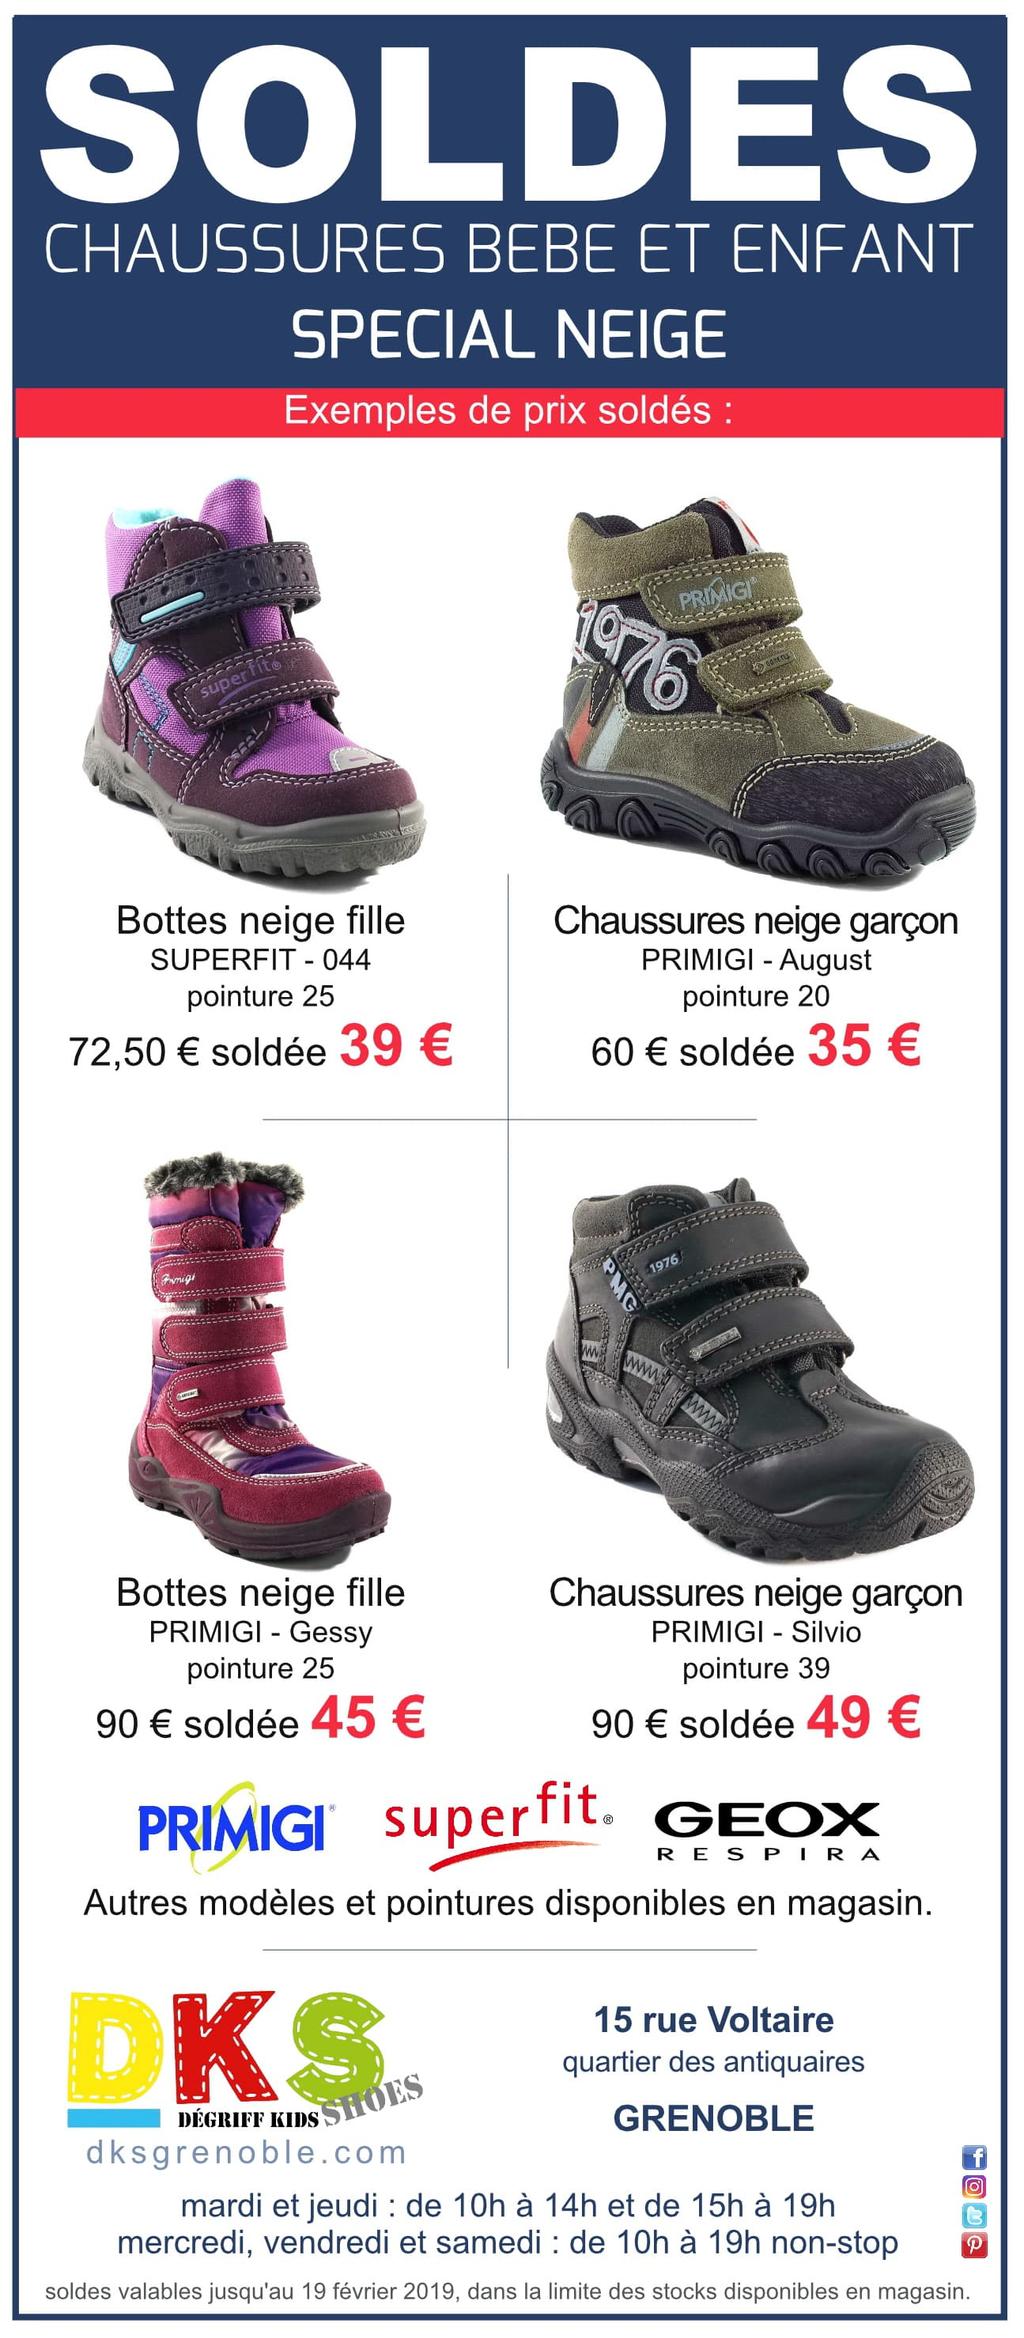 7ce1fb2158ada Arrivages chaussures bébé enfants à prix dégriffés - Grenoble